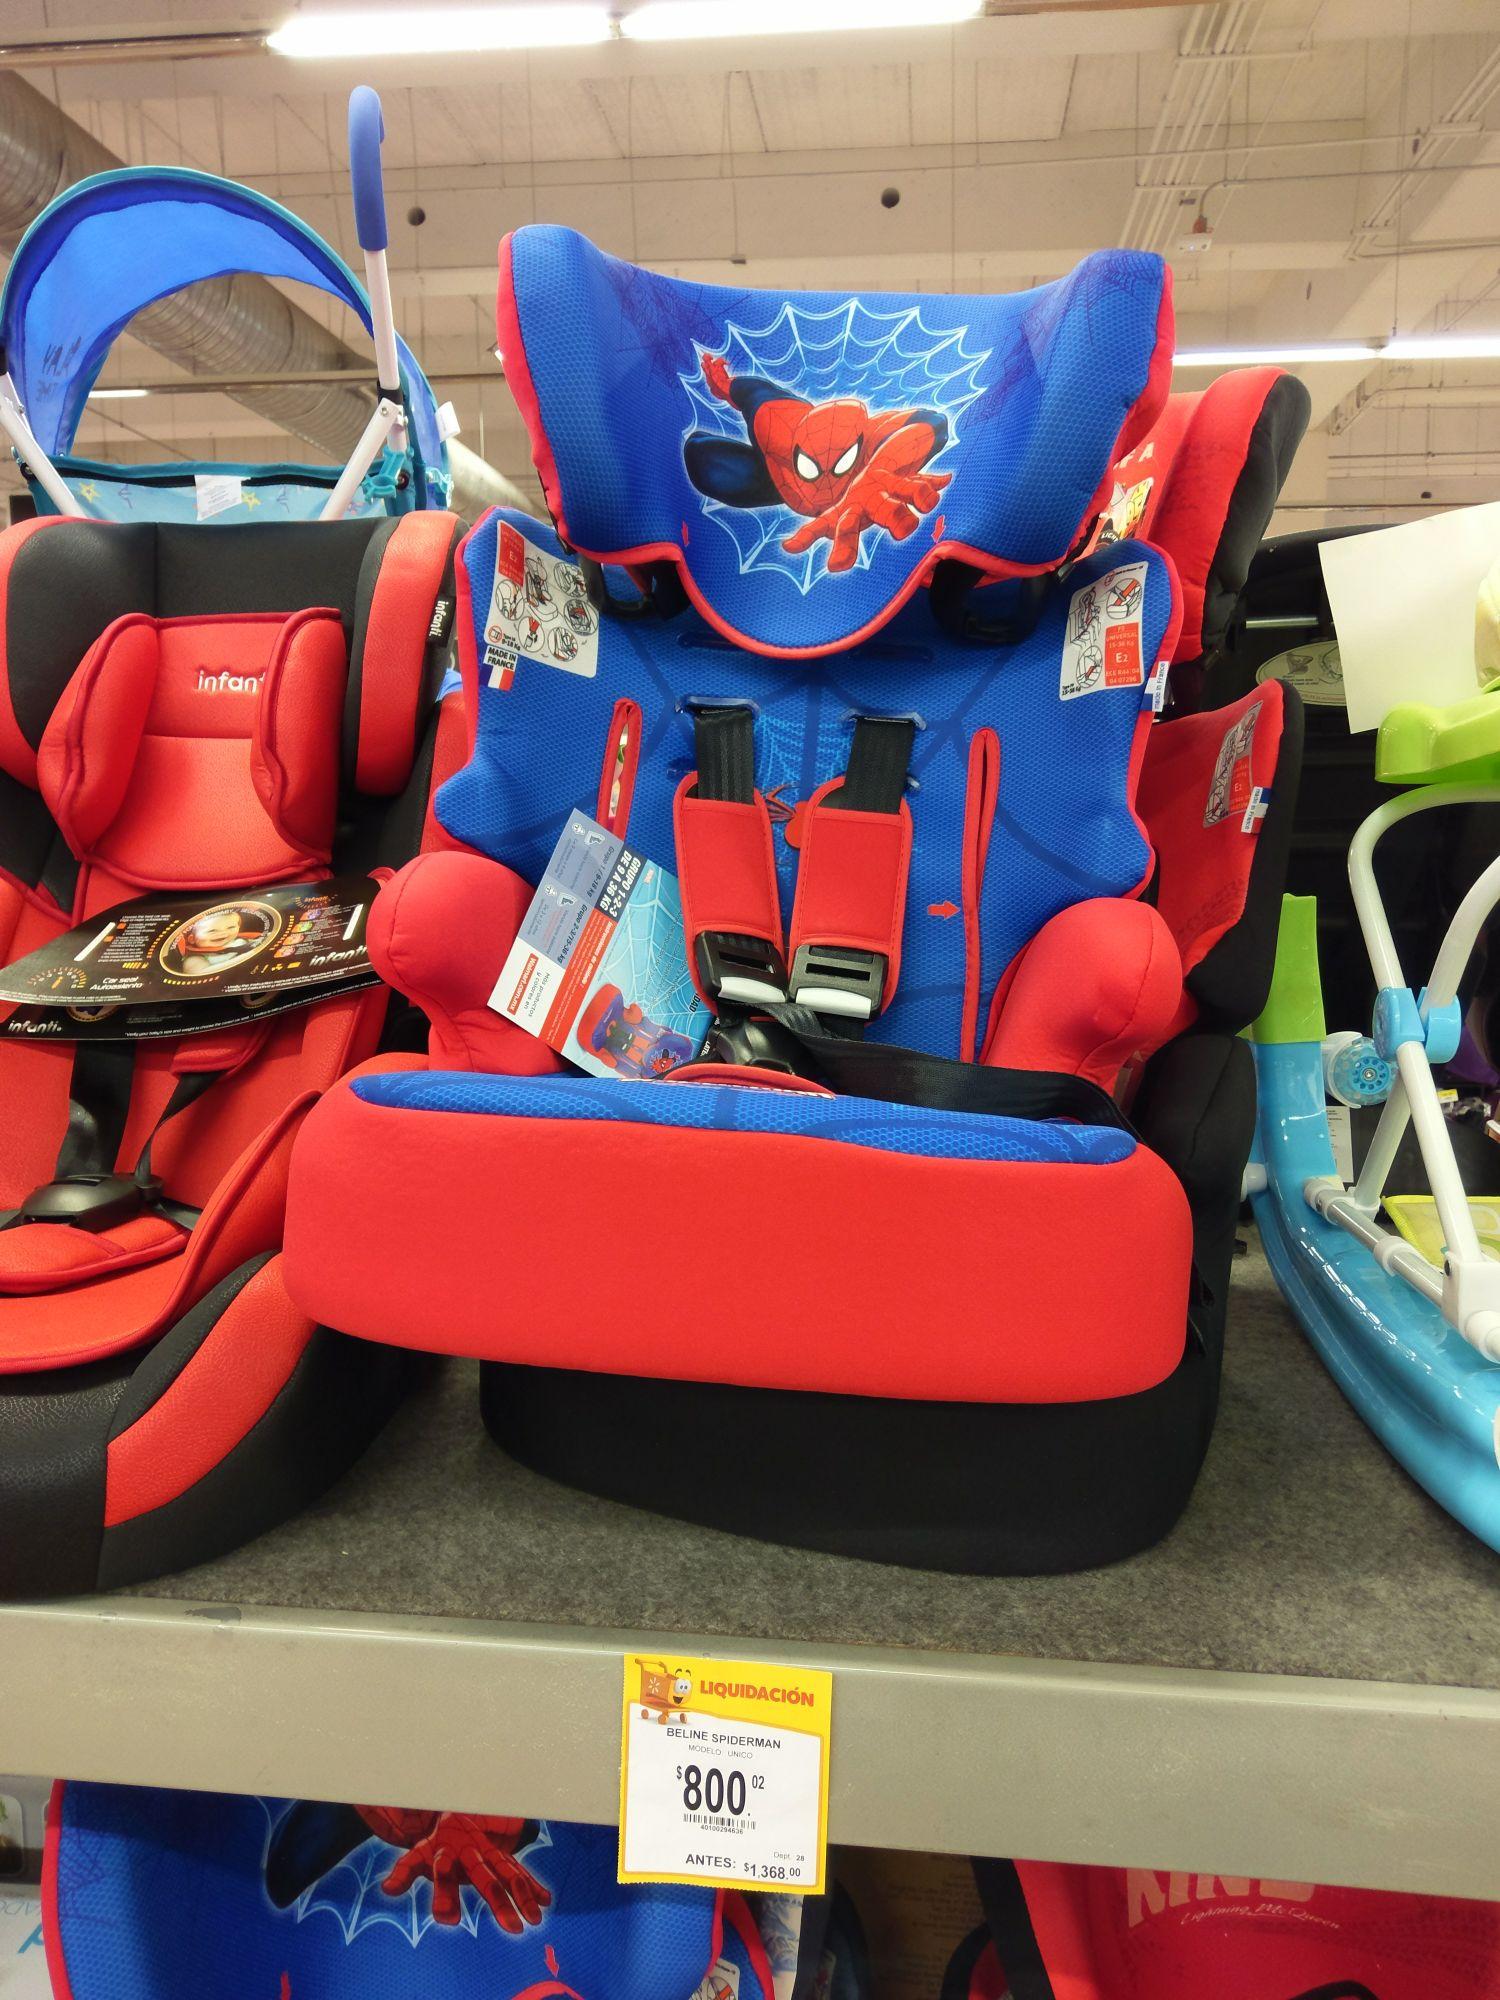 Walmart Patio Santa Fe: autoasiento para bebé en segunda rebaja